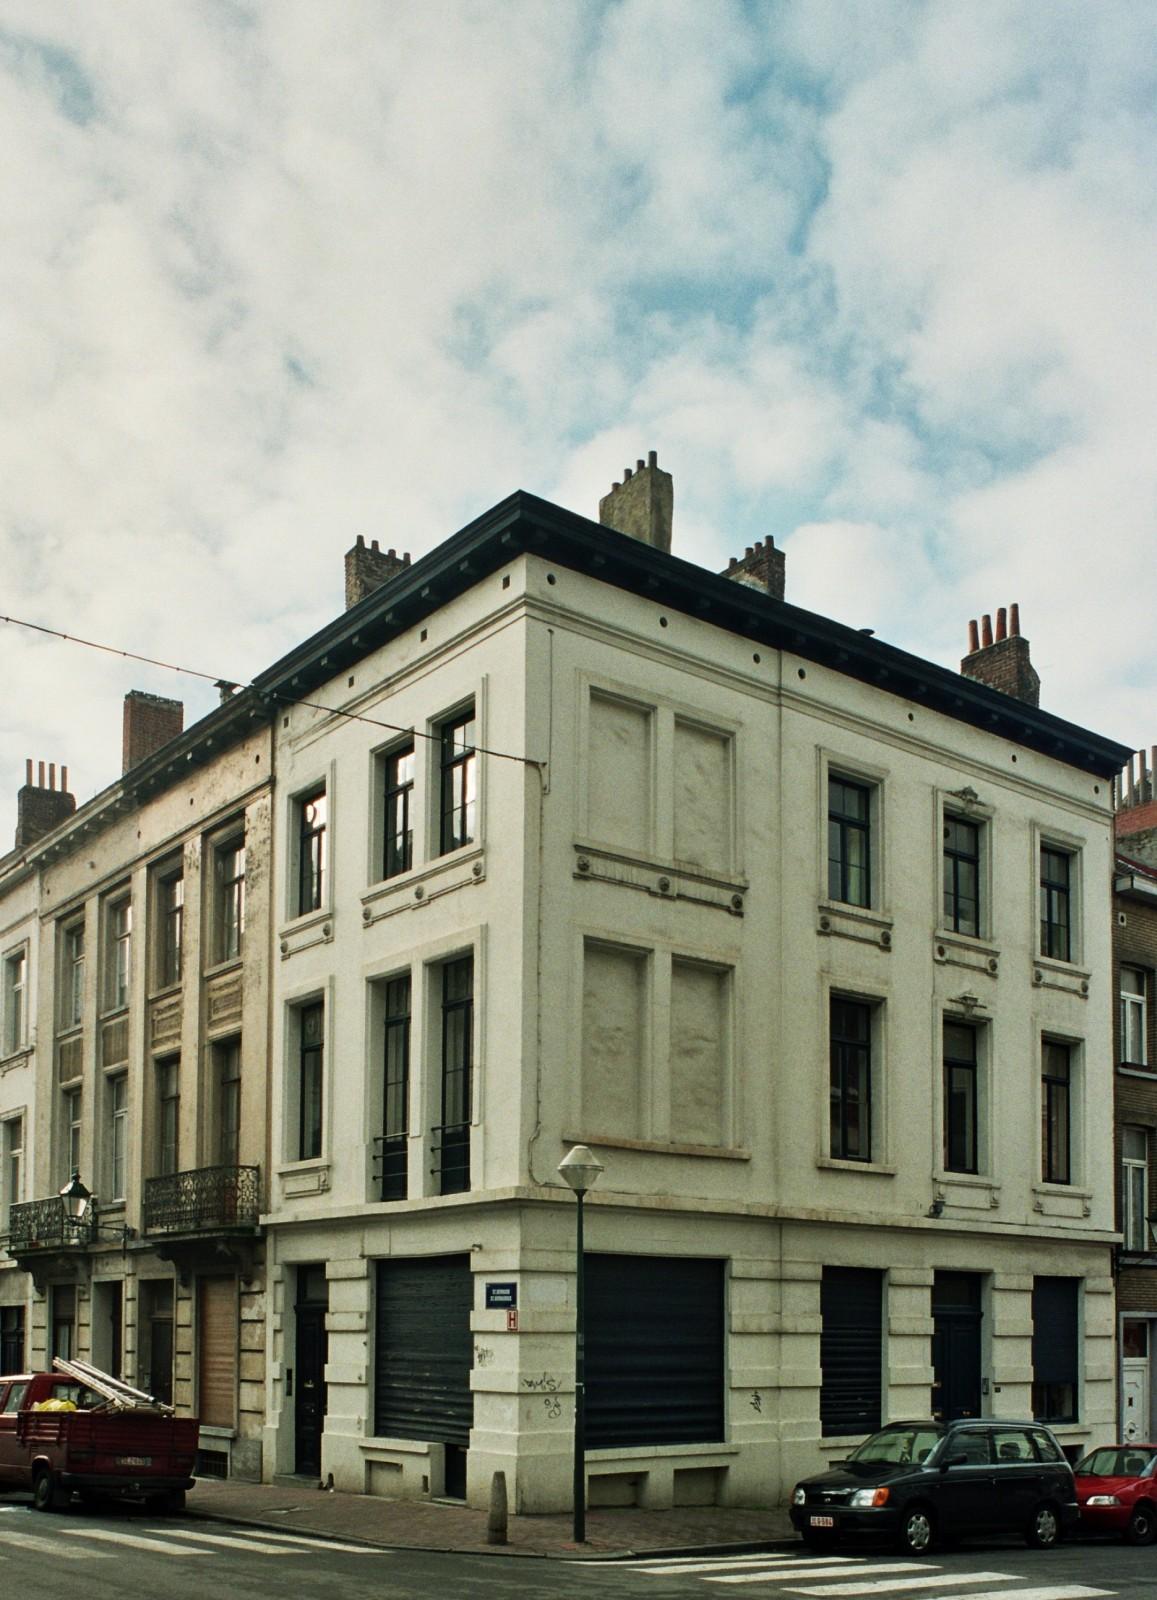 Rue Saint-Bernard 87, 85, 83 et rue de Neufchâtel 56., 2004